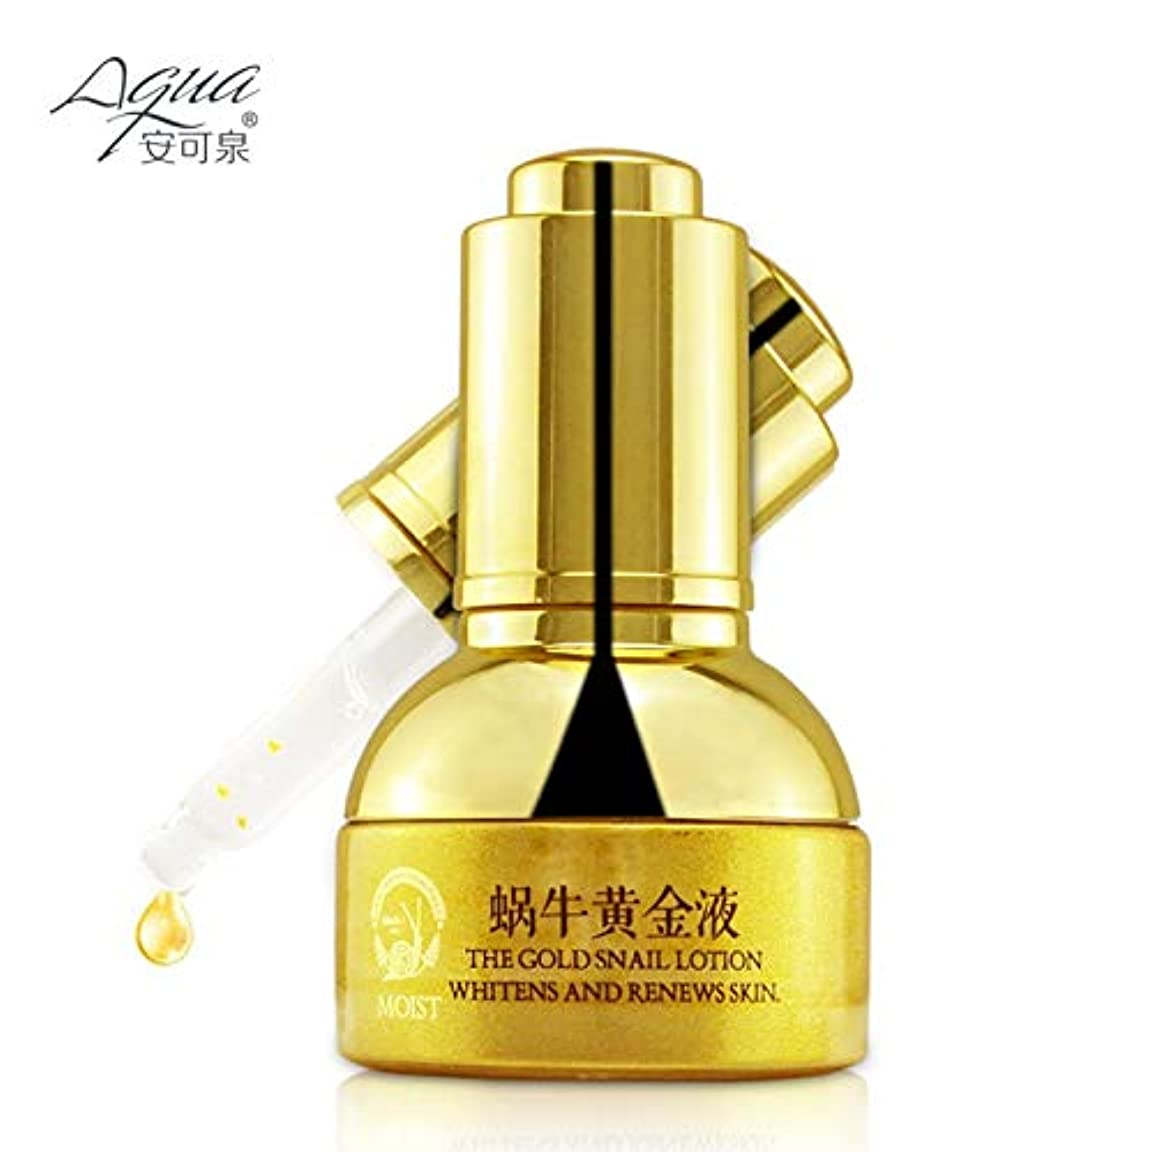 誠意おもてなし第二ケアカタツムリエッセンスデイクリームアンチリンクルフェイスコラーゲン寧保湿性液体の美し熱い販売:中国